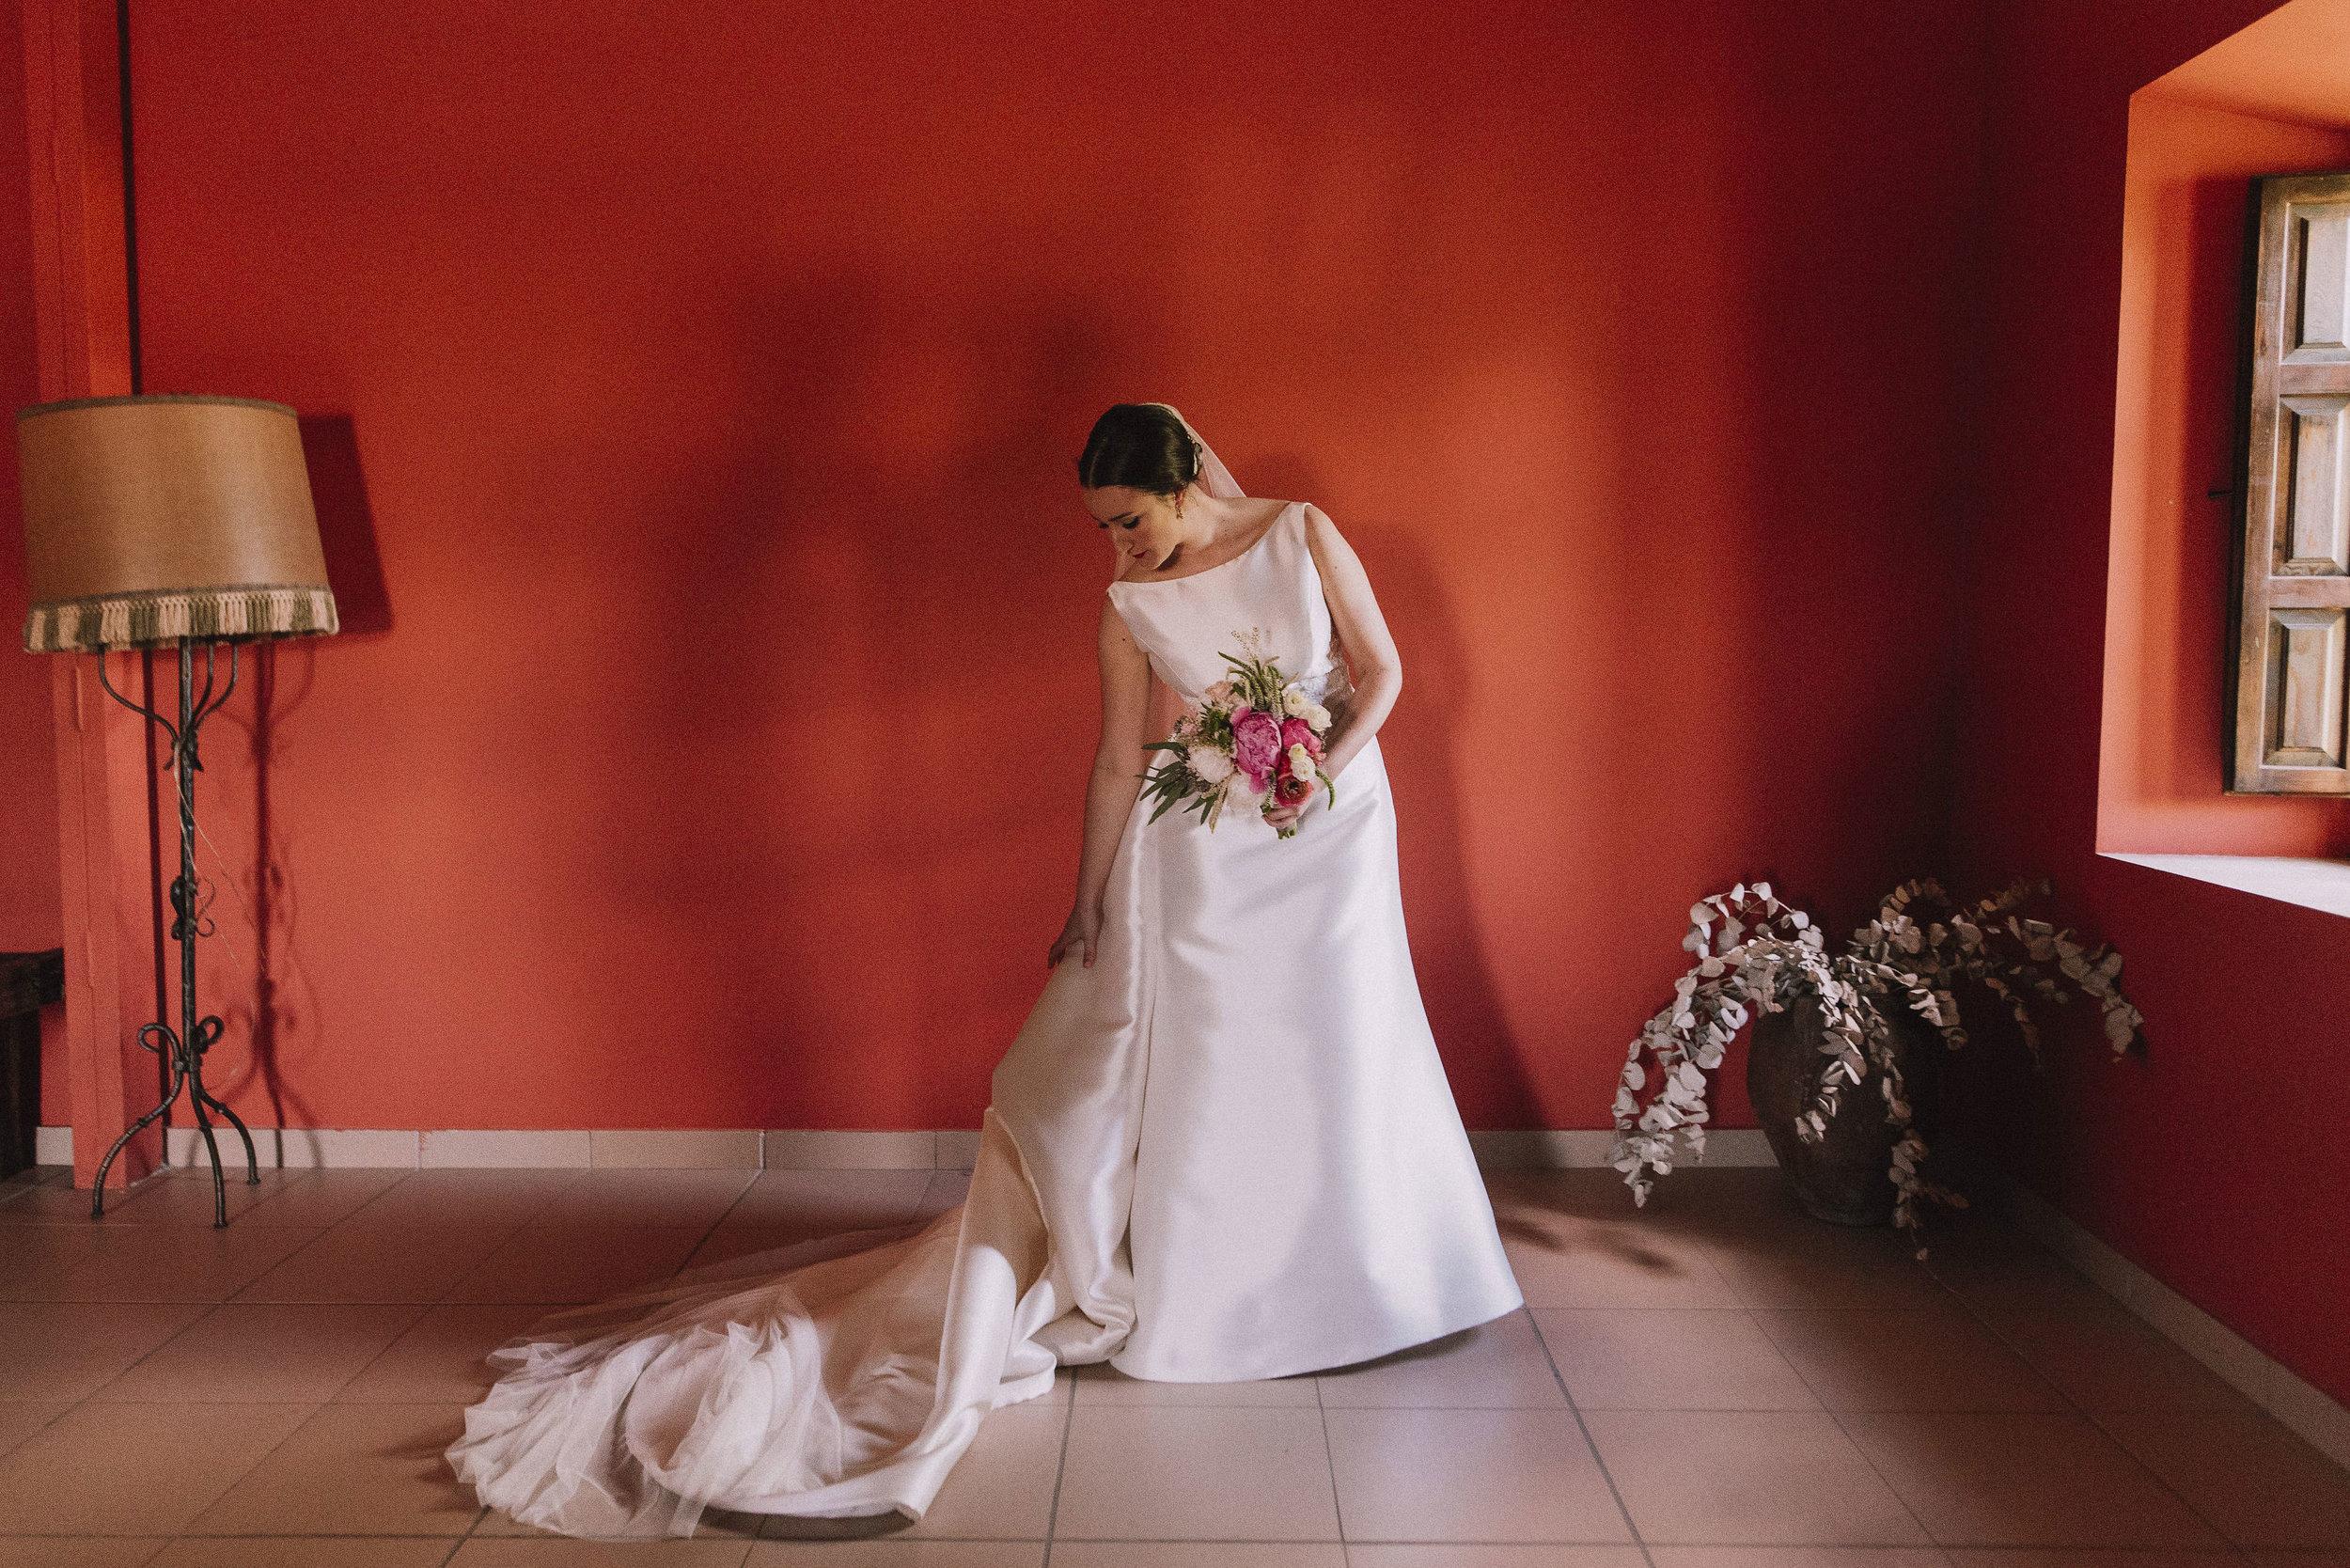 boda-finca-casa-oficios-cyc-0286.jpg